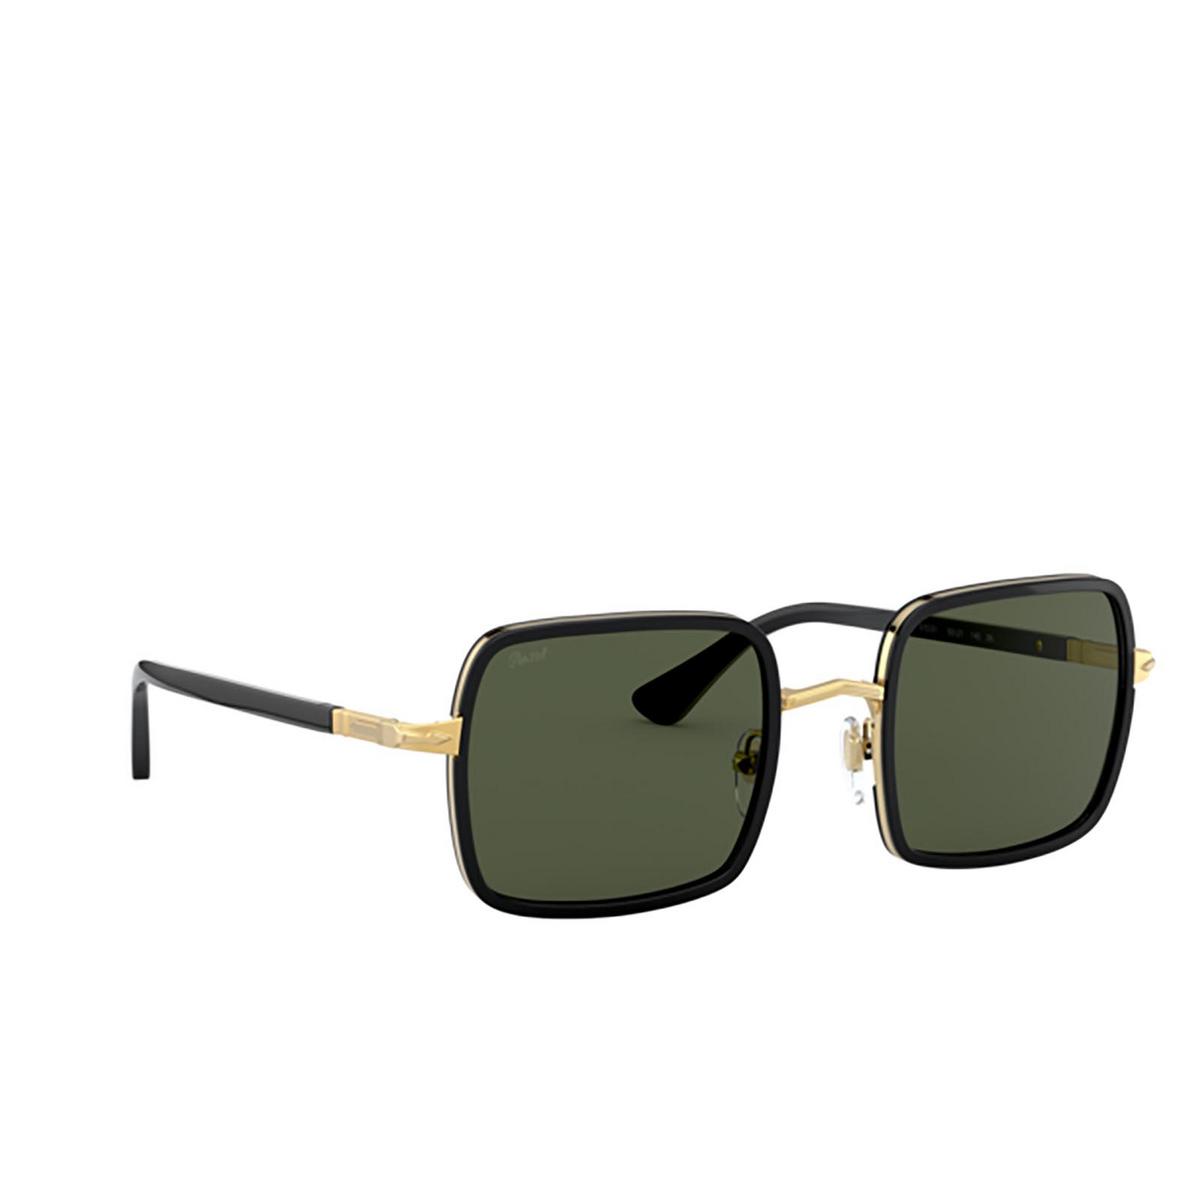 Persol® Square Sunglasses: PO2475S color Gold & Black 515/31 - three-quarters view.